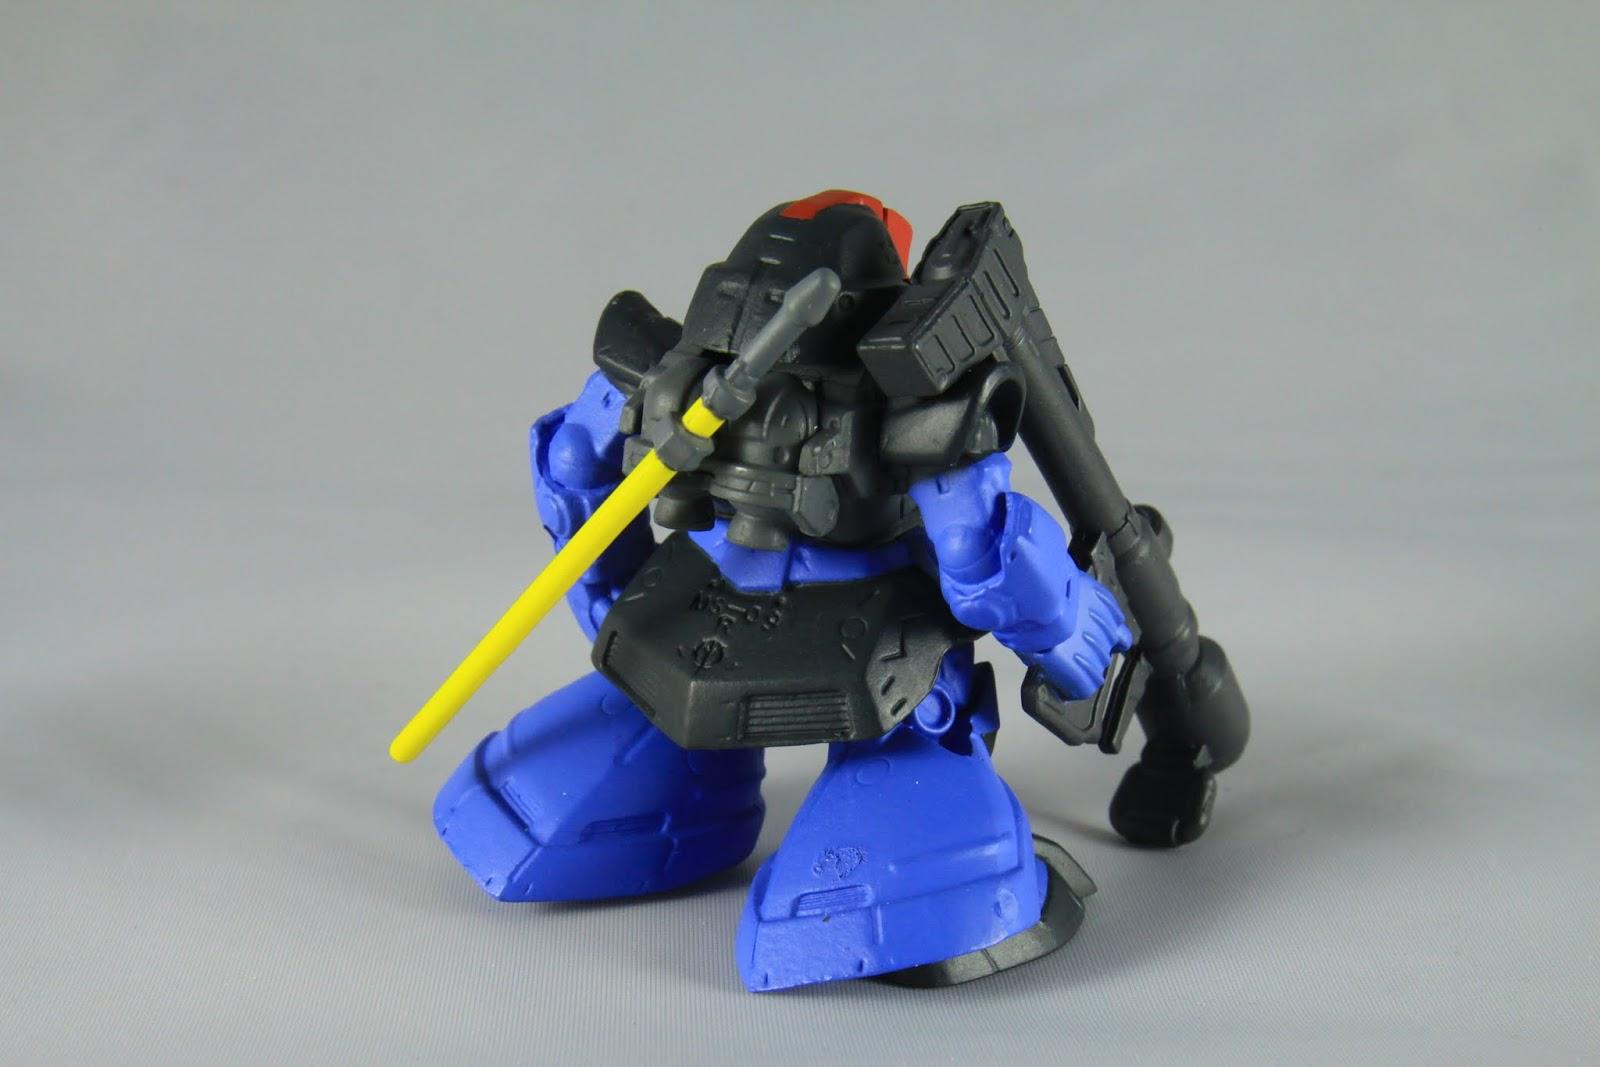 背部因為因應宇宙空間多了許多抑制噴嘴 武器則是一樣電熱棒跟火箭炮